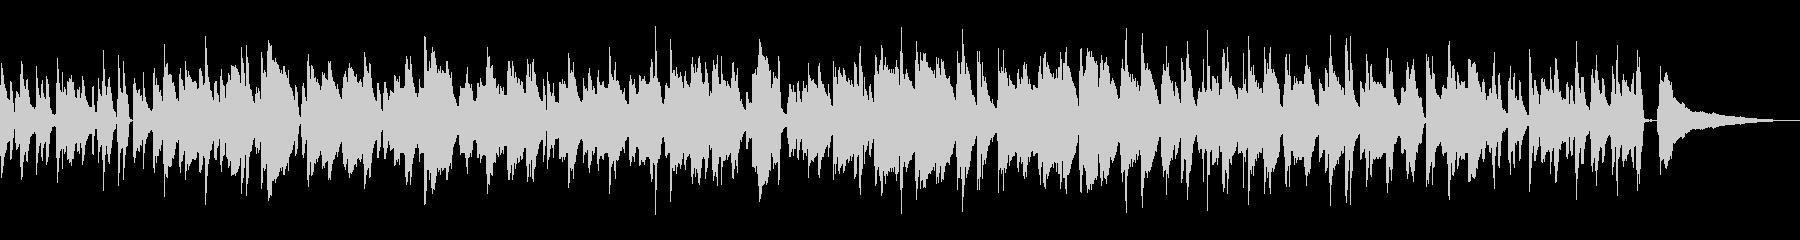 心地よいラウンジ風ボサノバ/ピアノトリオの未再生の波形